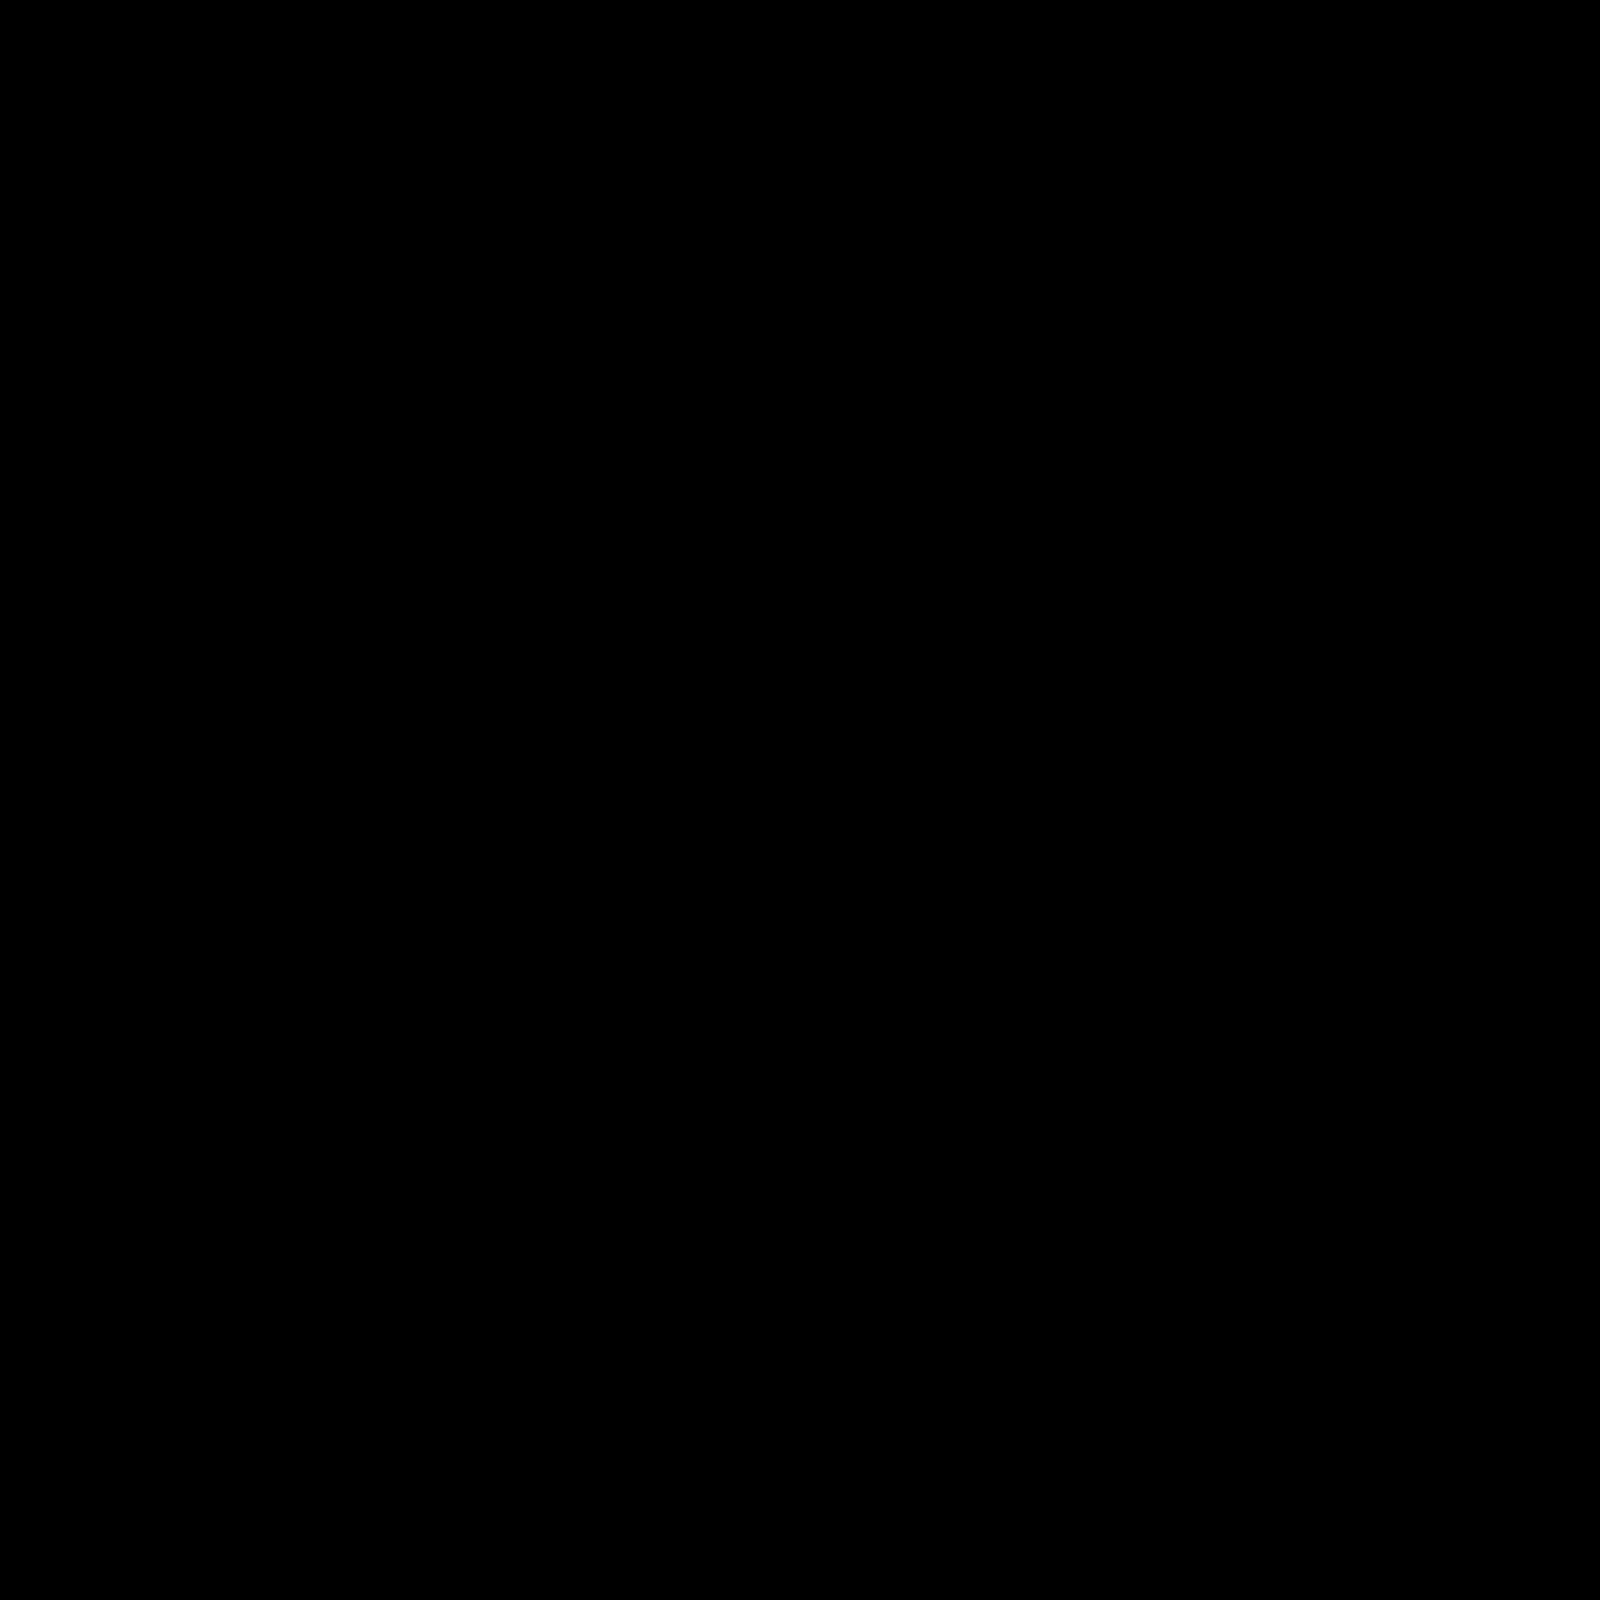 Szewron w lewo icon